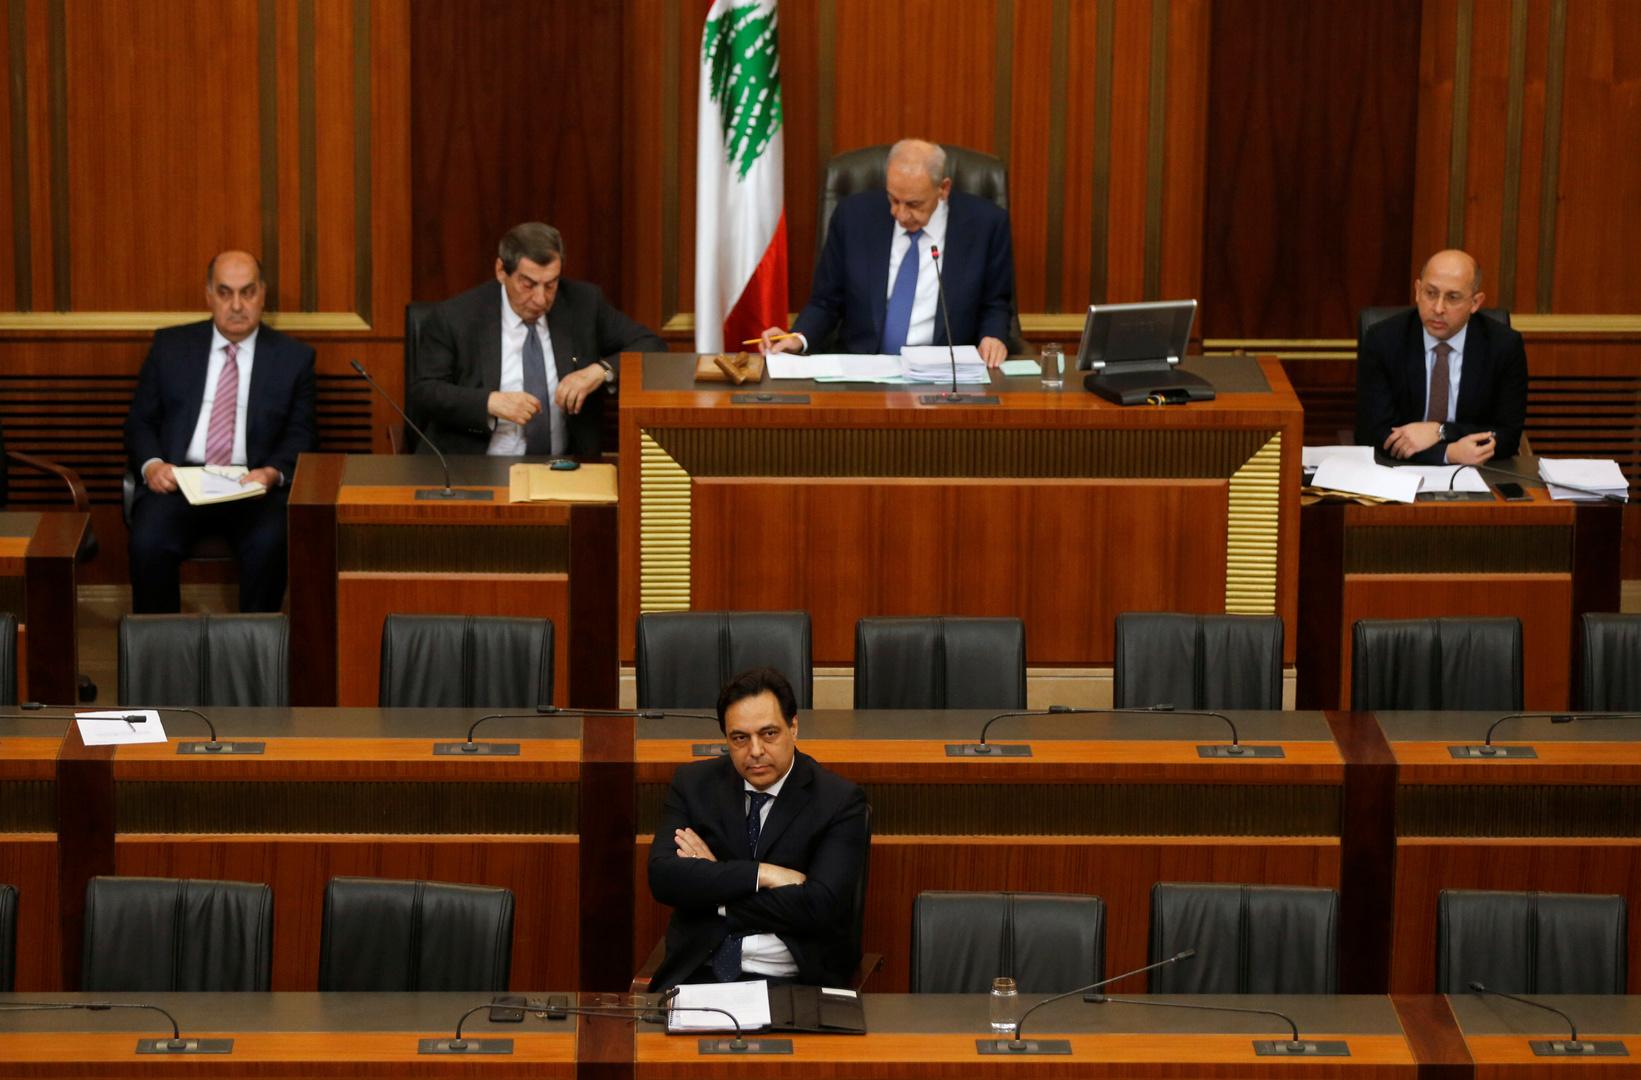 البرلمان اللبناني يقر موازنة 2020